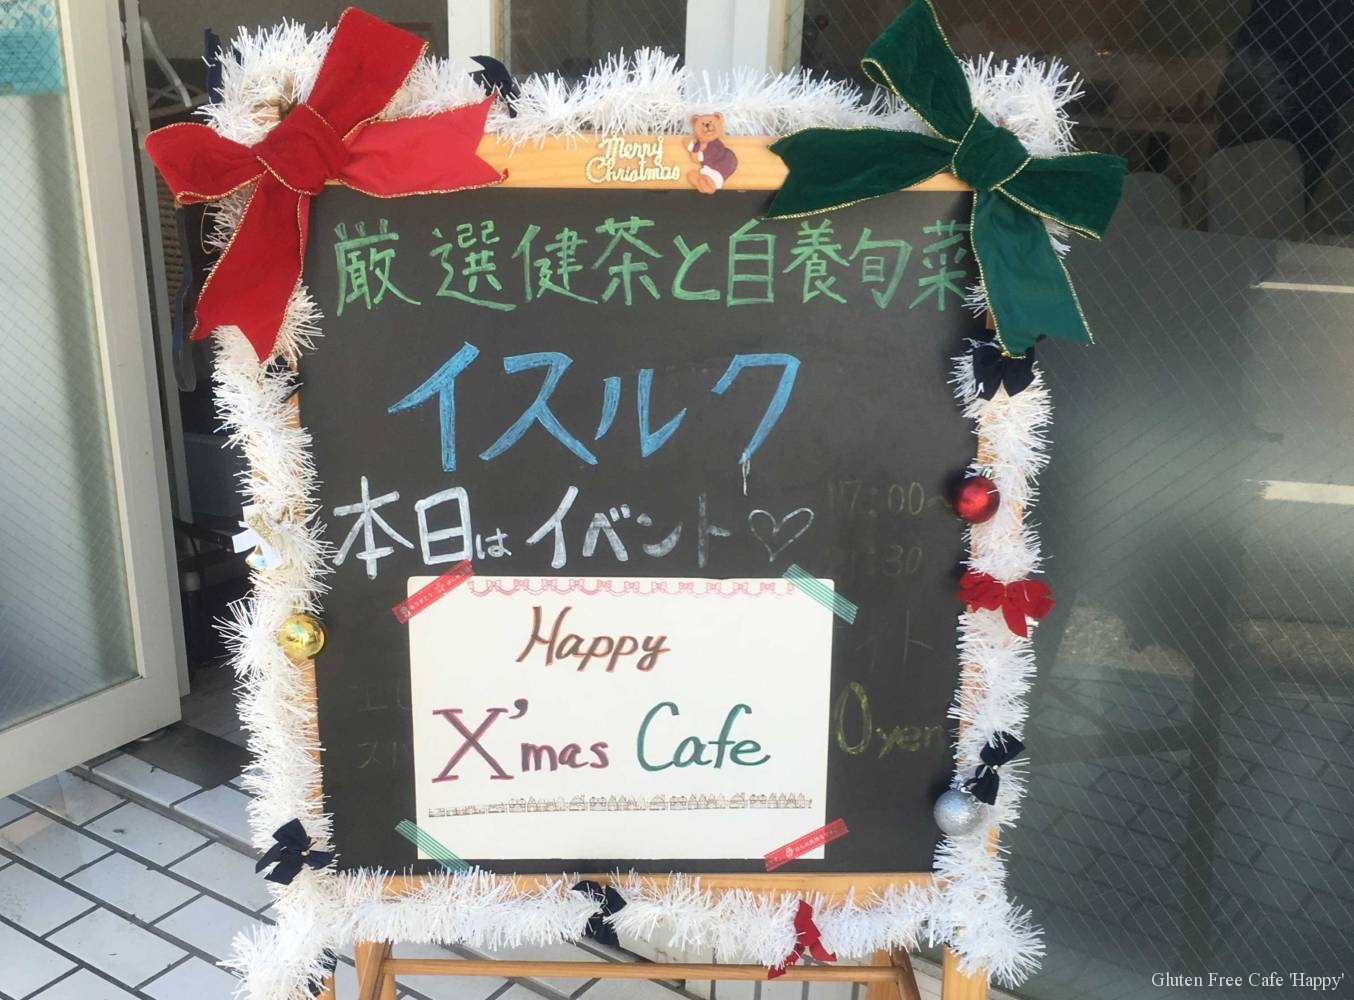 Happyクリスマスcafe 〜グルテンフリーブッフェ&スイーツ〜